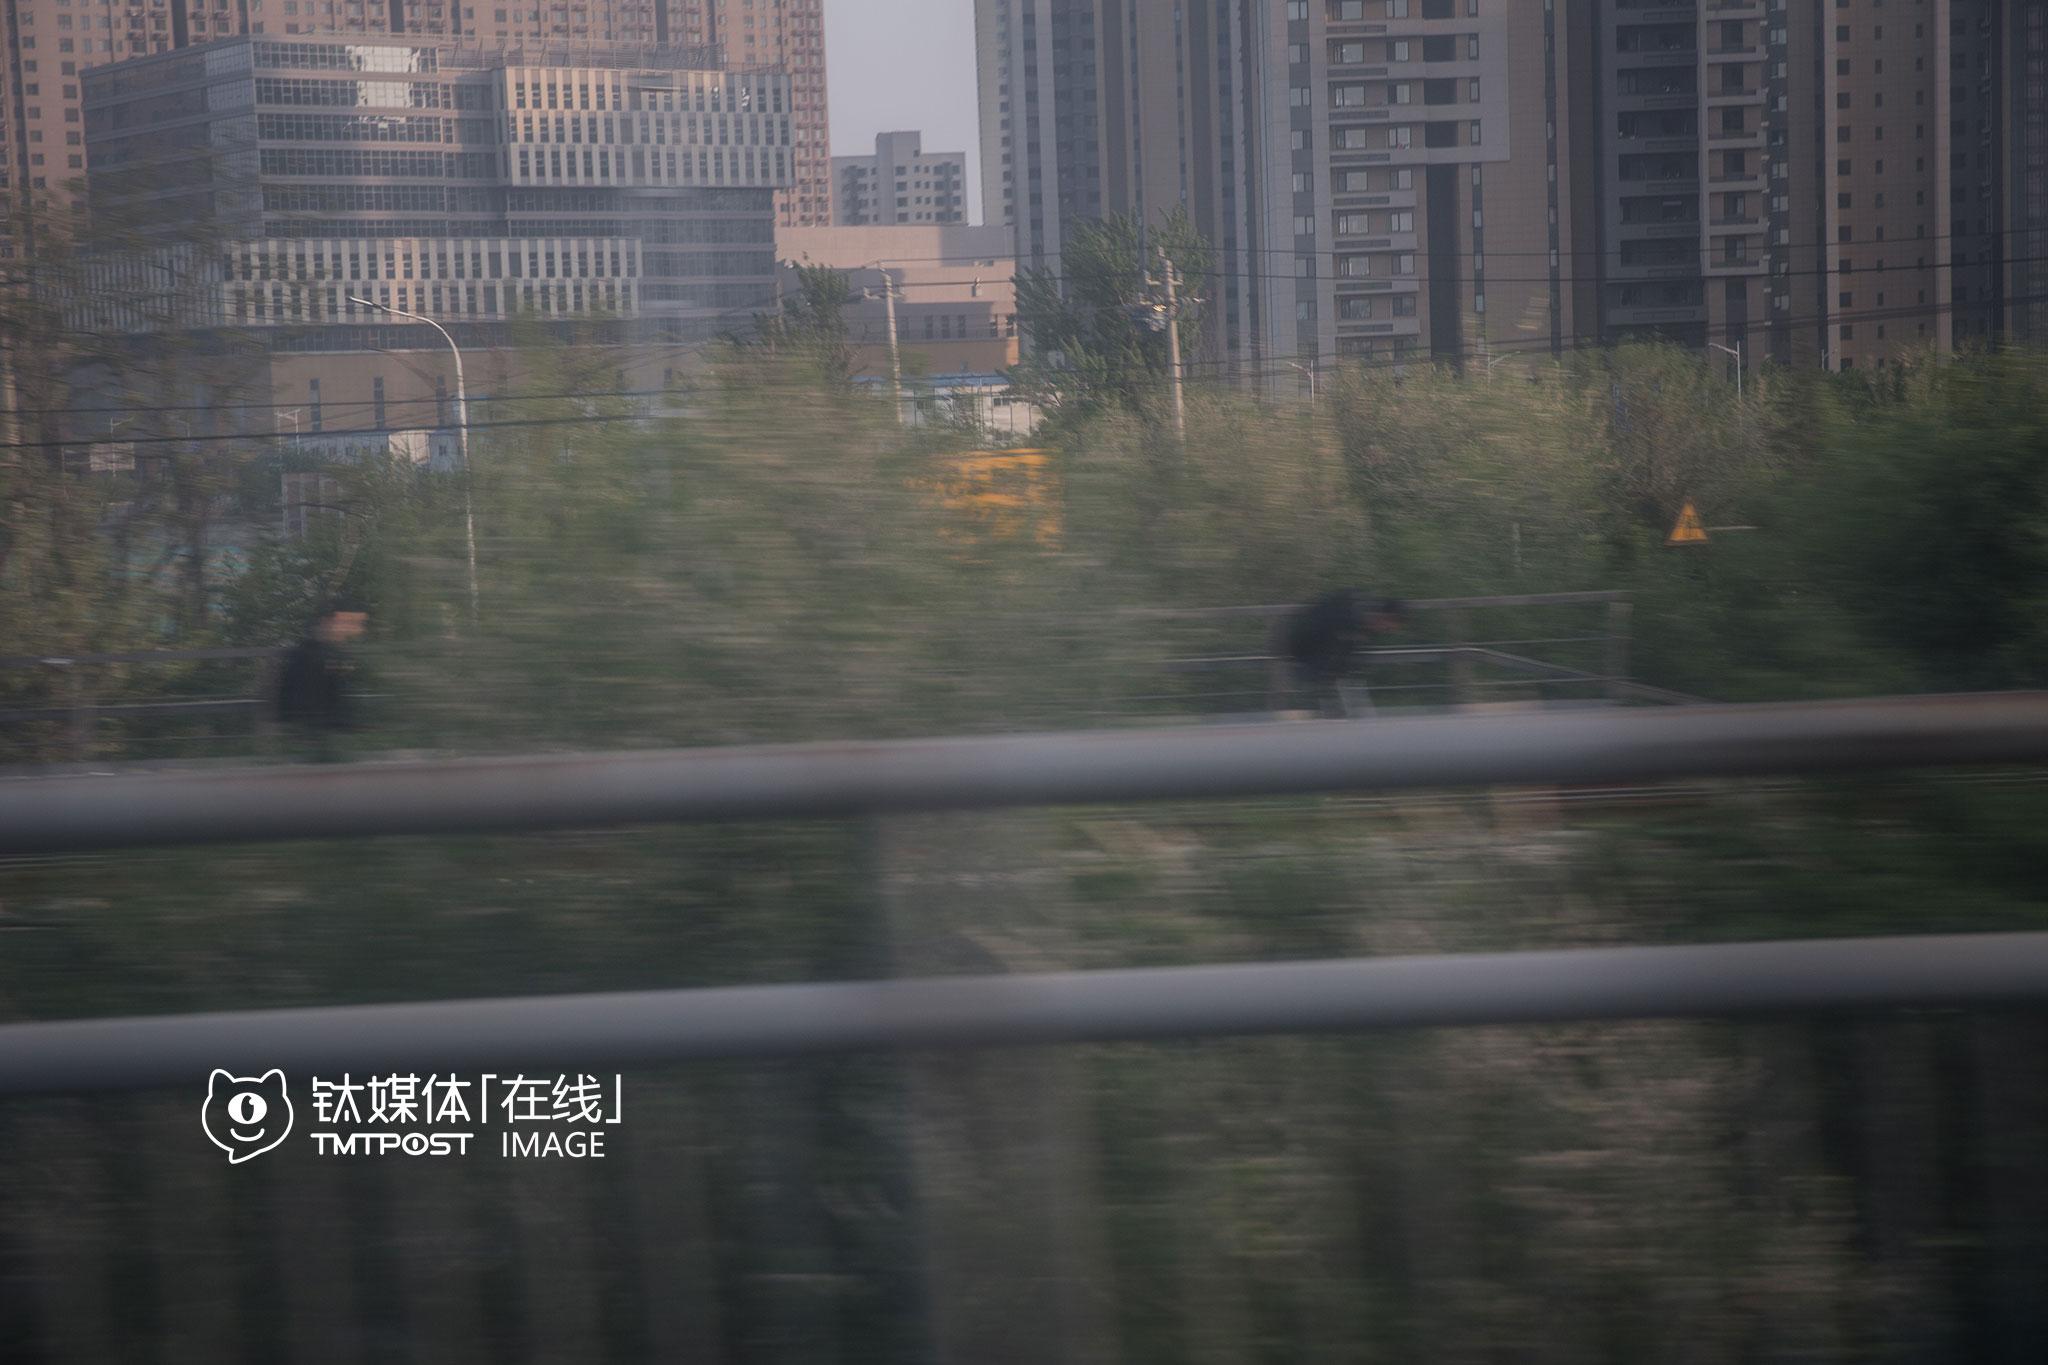 4月20日18:00,不少背着双肩包的上班族,沿着铁轨行走。据媒体报道,2015年1月,上地曾发生一起火车撞上闯道口行人的事故。